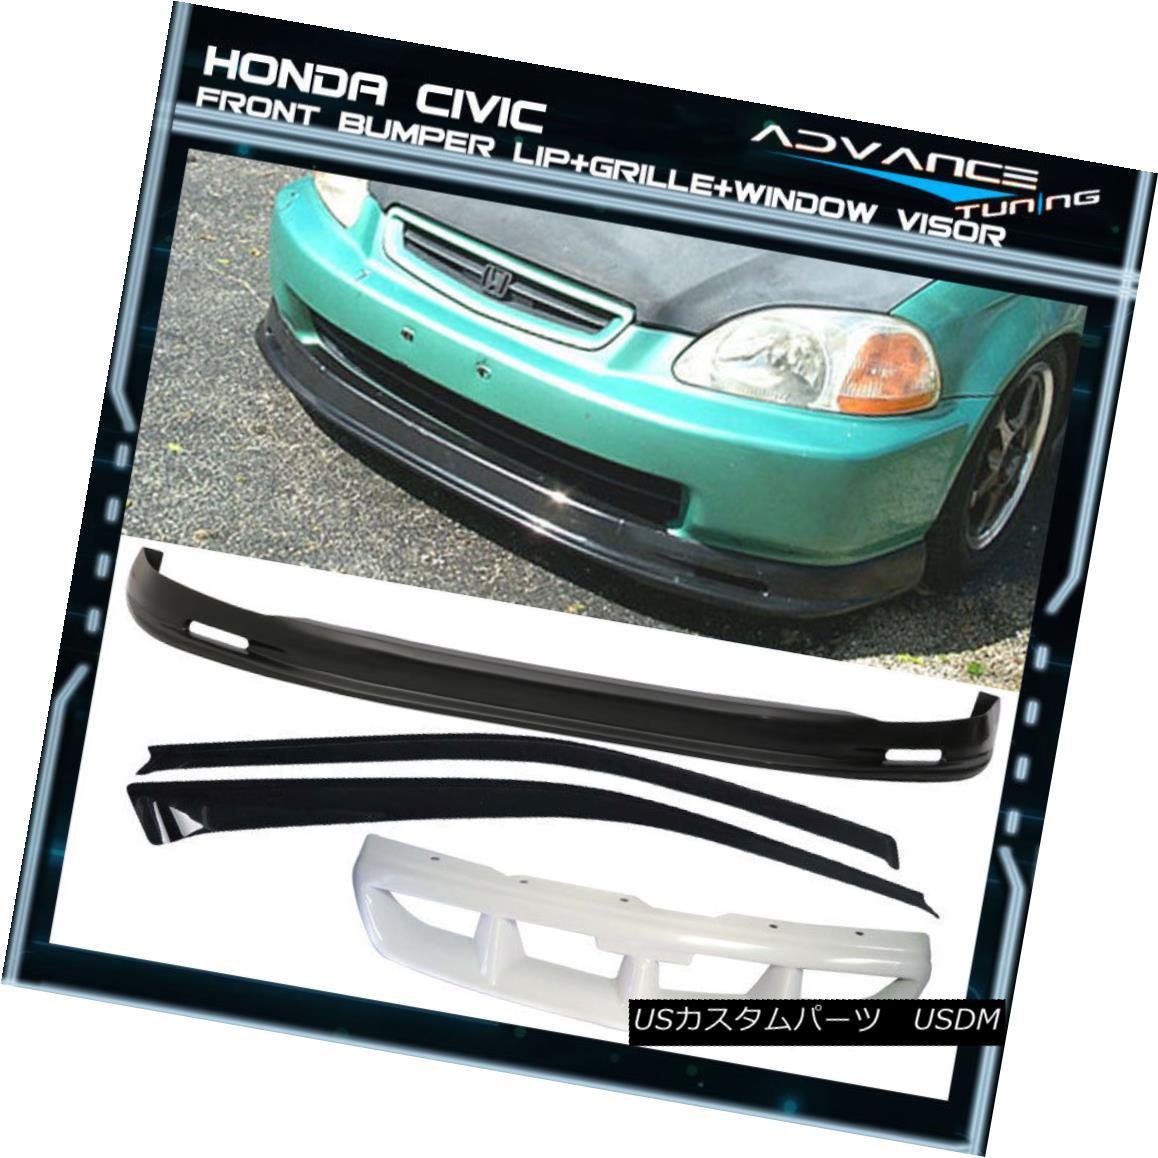 グリル Fits 96-98 Honda Civic 3Dr Mugen PP Front Bumper Lip + Sun Window Visor Ford 96-98 Honda Civic 3Dr Mugen PPフロントバンパーリップ+サンウィンドウバイザー